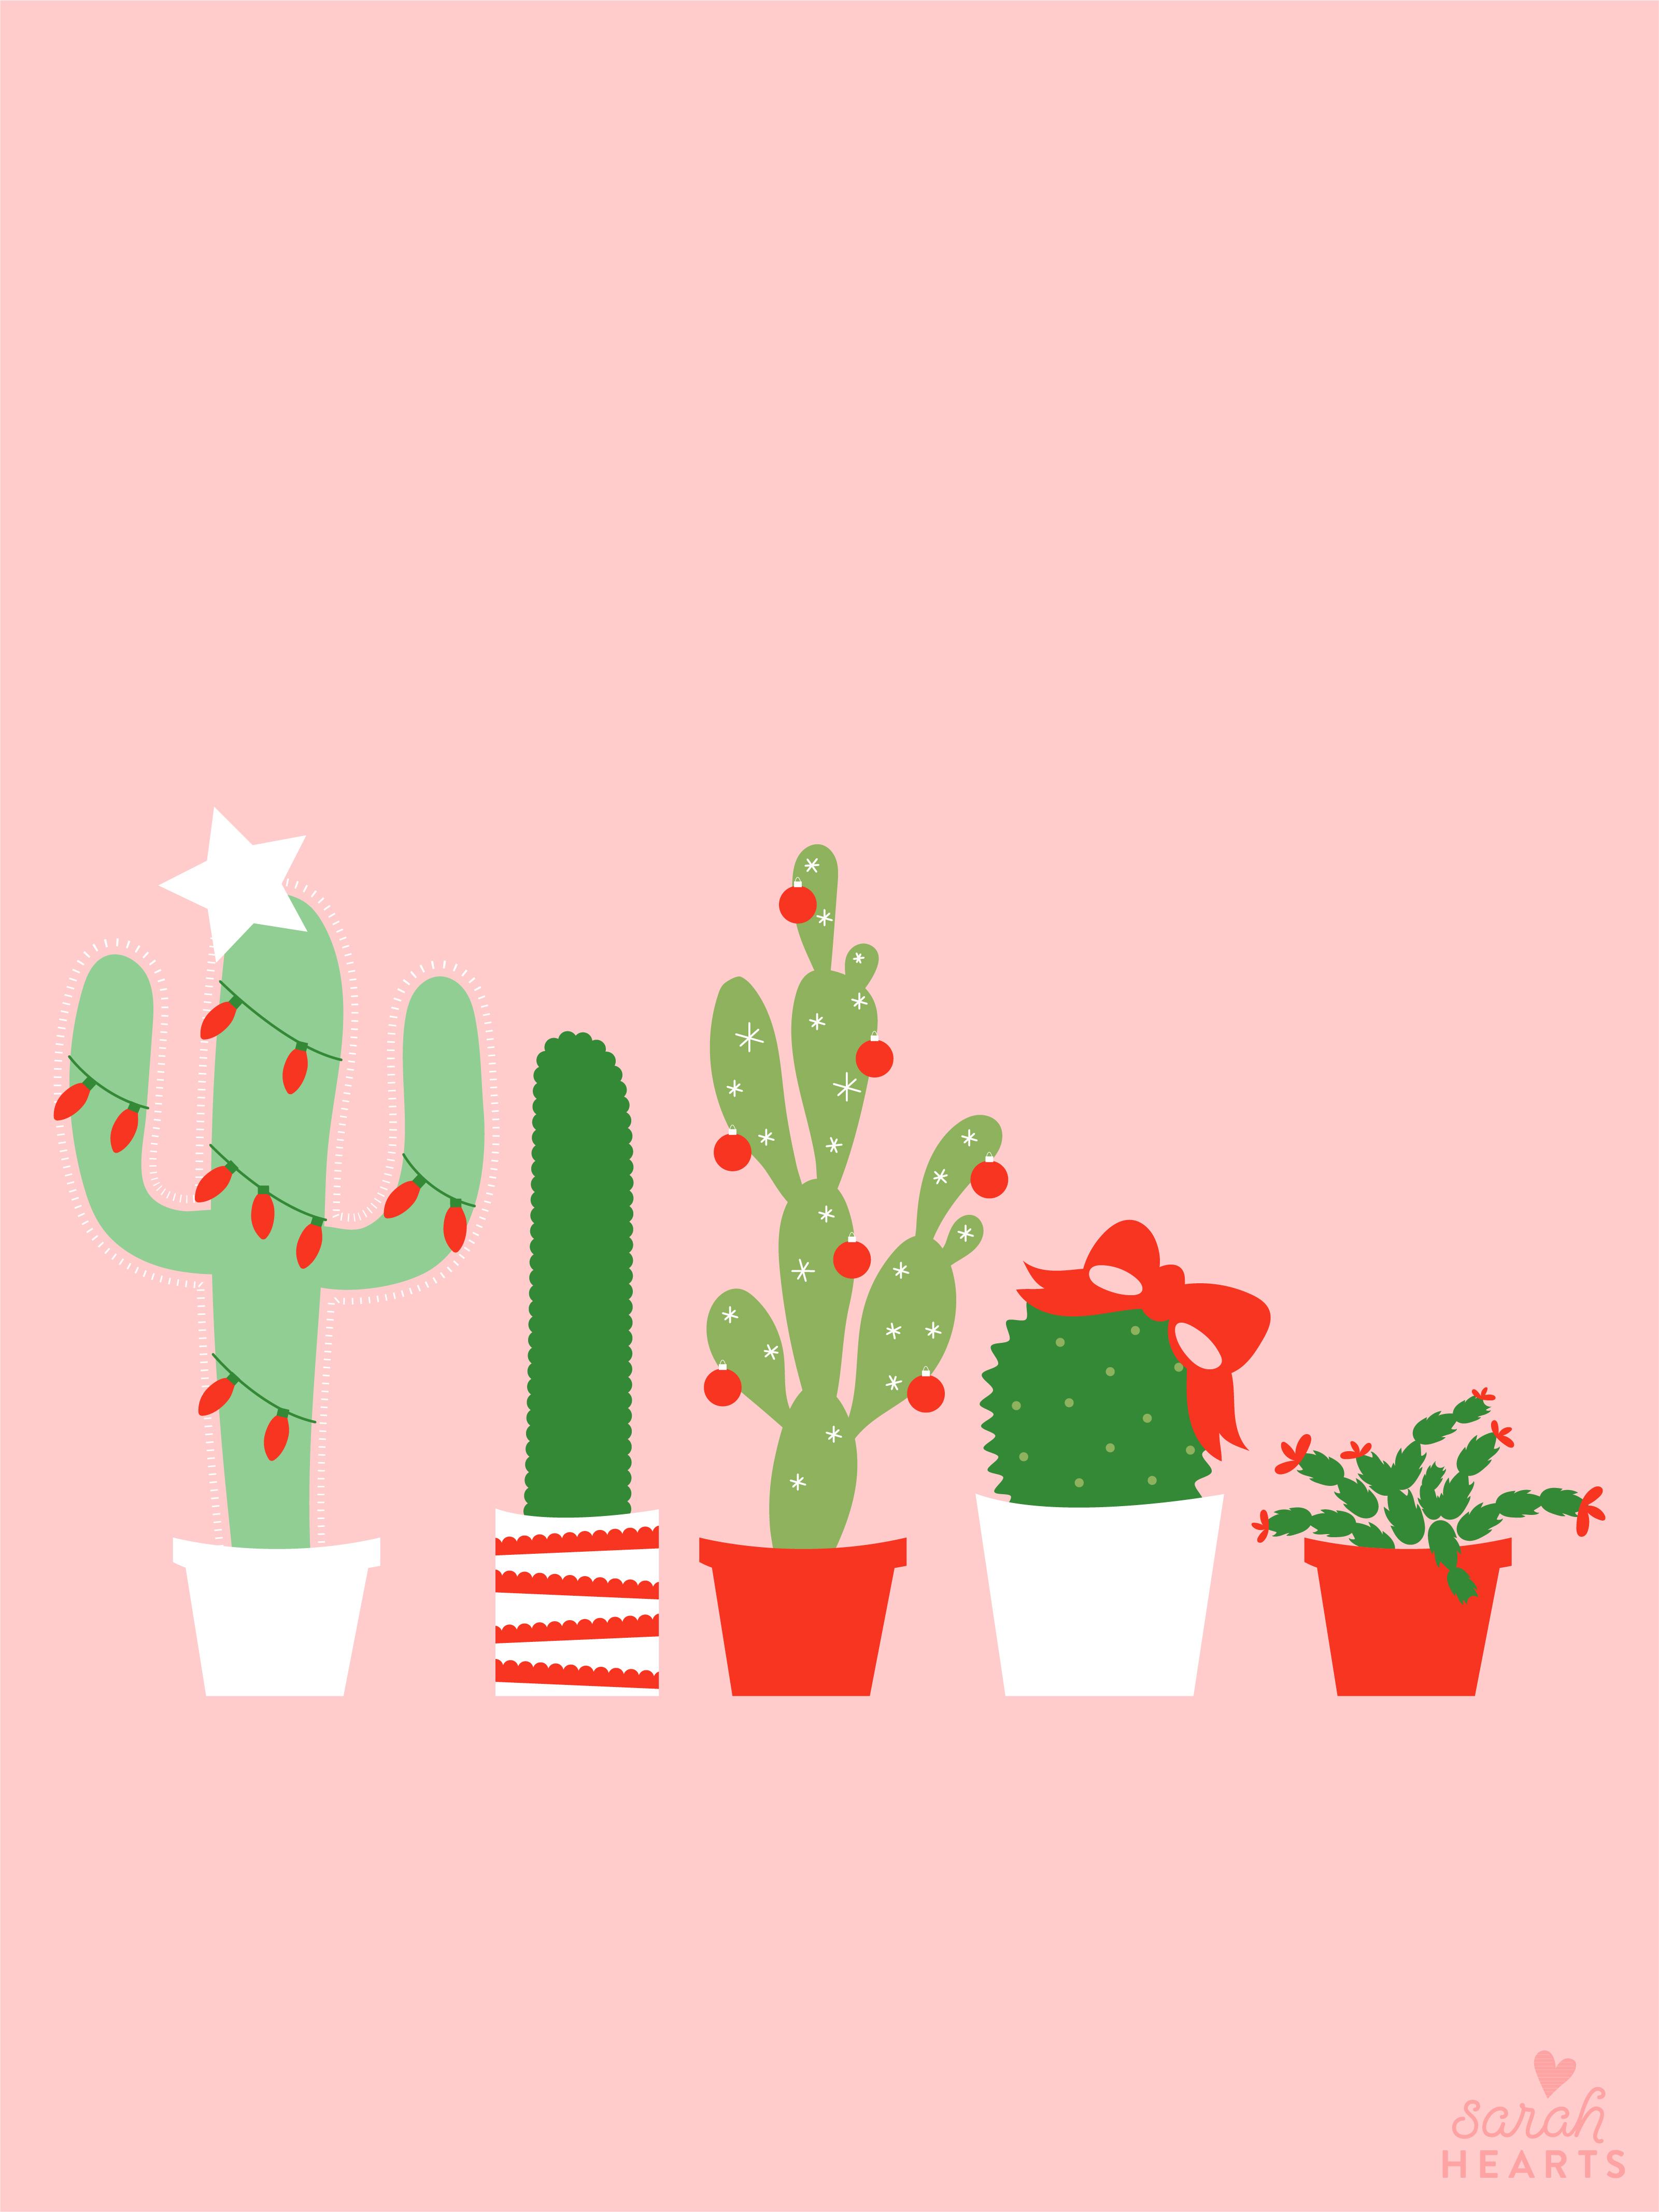 December 2017 Christmas Cactus Calendar Wallpaper Sarah